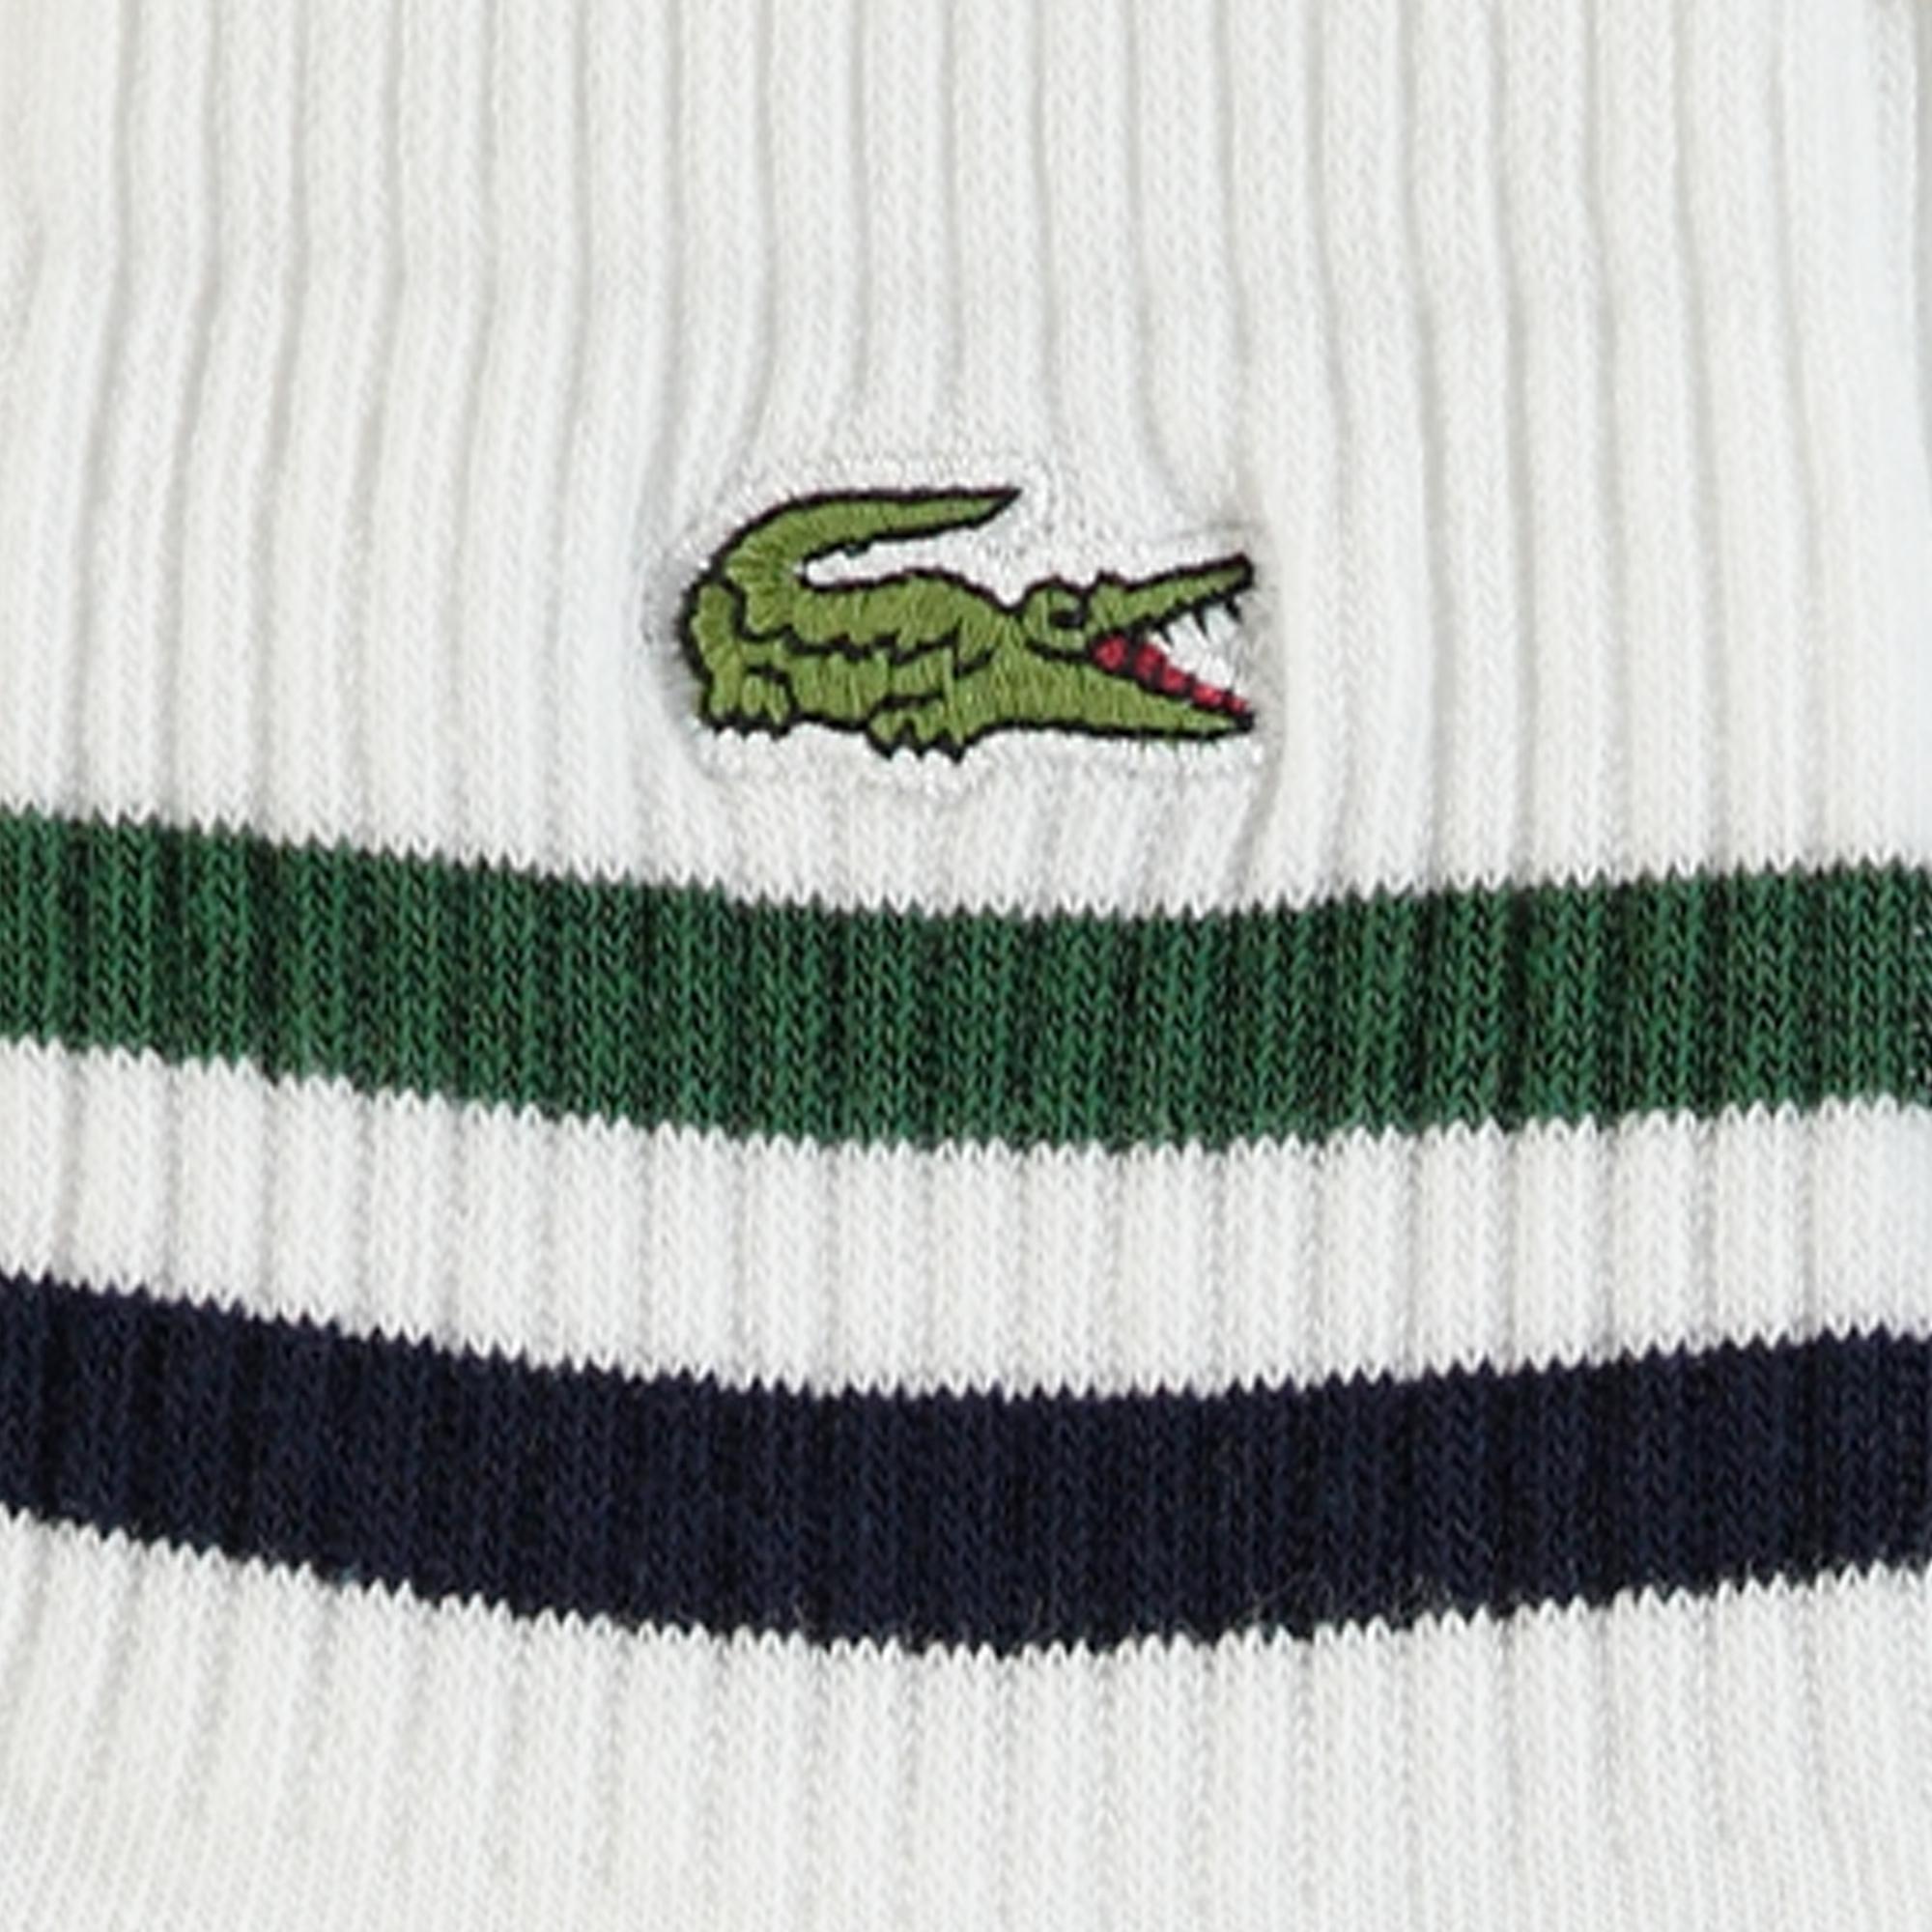 Lacoste Unisex Çizgili Kısa Beyaz Çorap